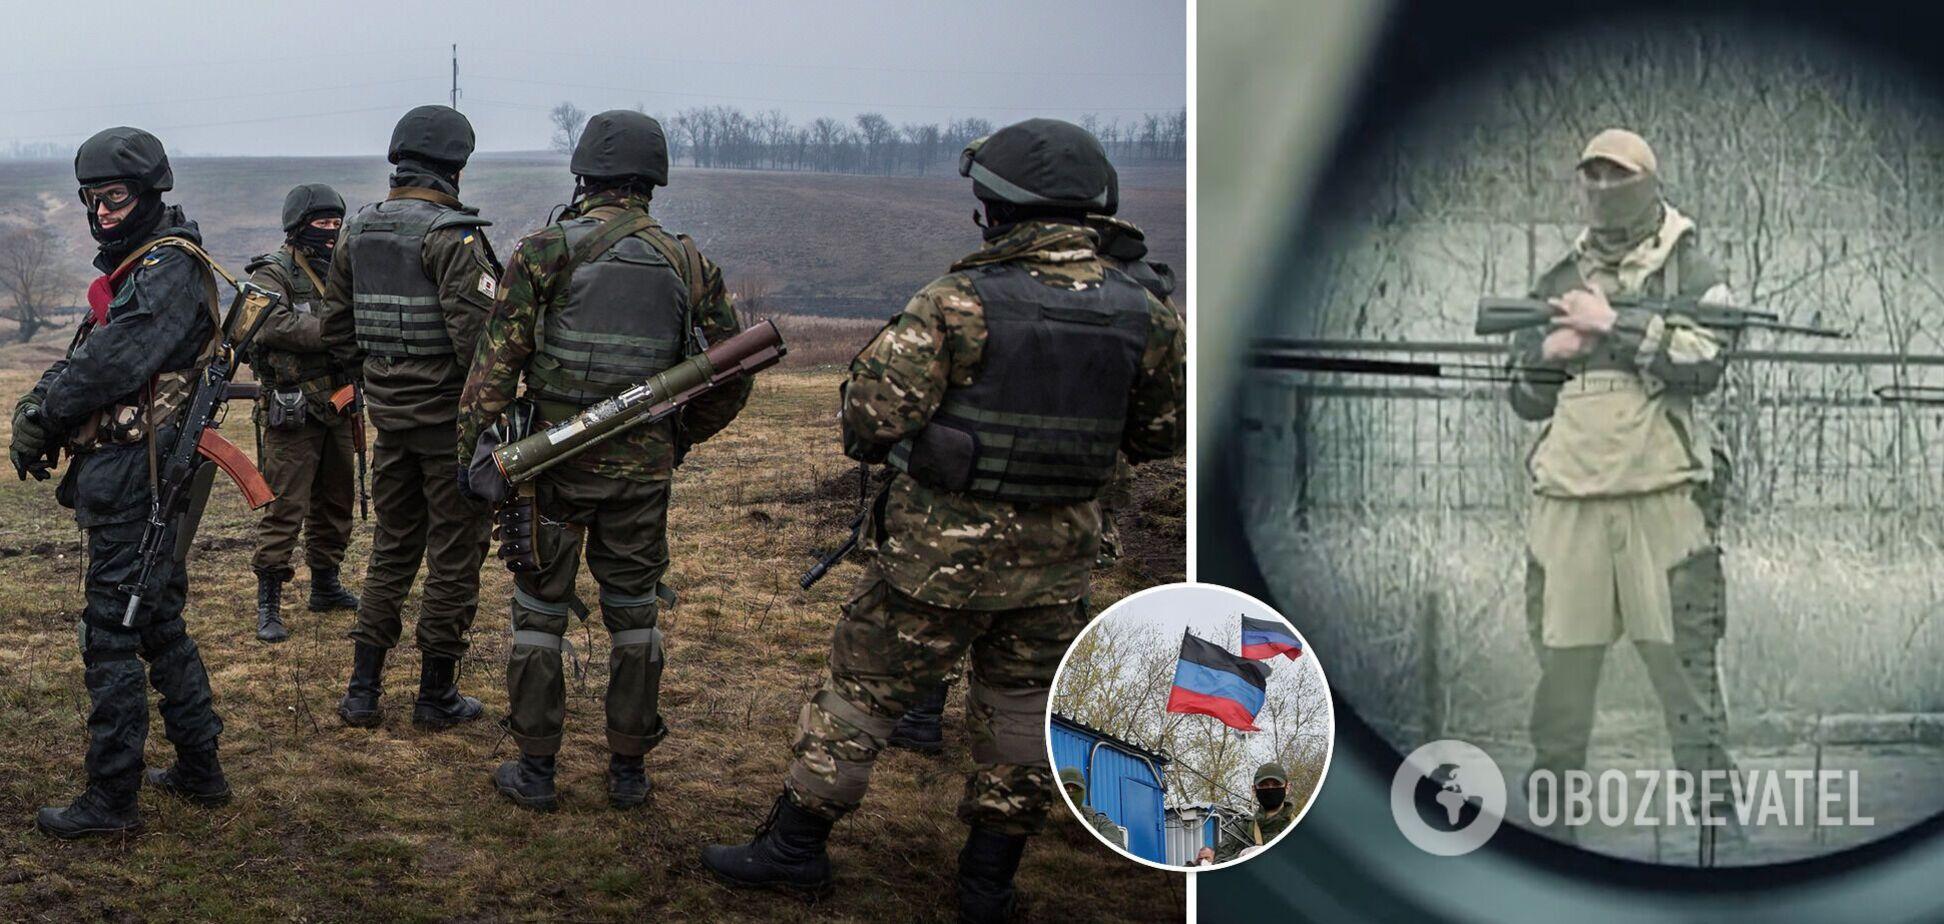 Пророссийские террористы усилят обстрелы на Донбассе к лету, считает бывший украинский разведчик